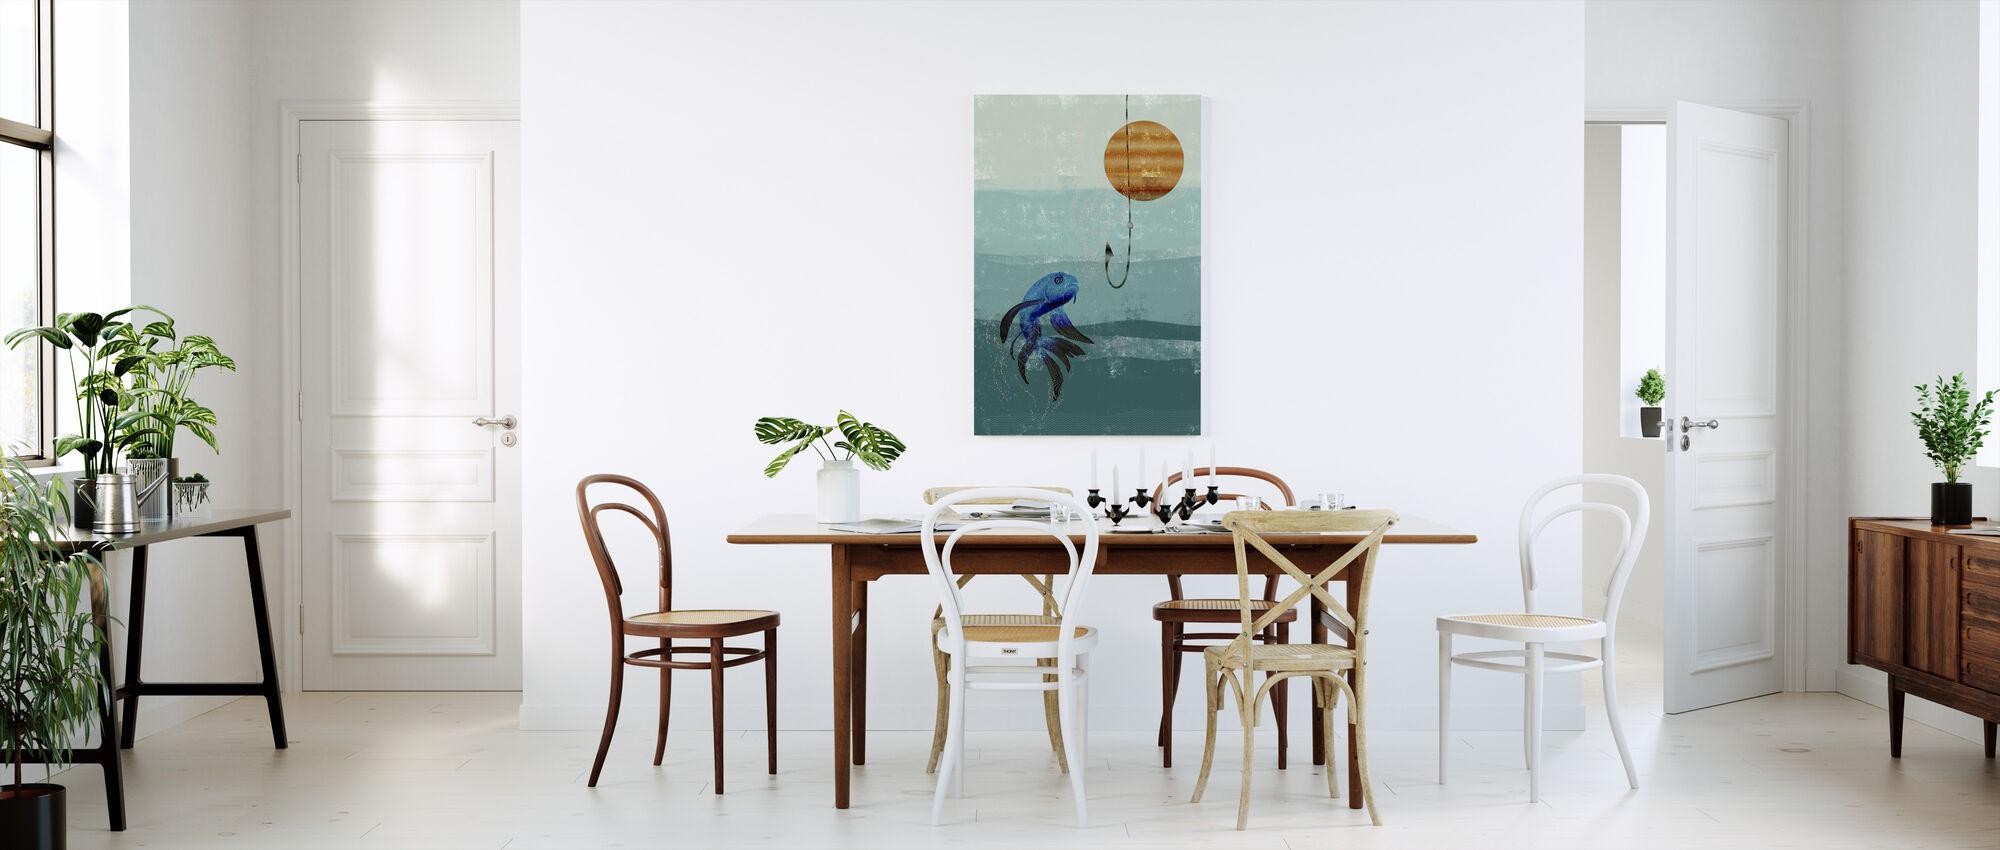 Kala-säiliö - Canvastaulu - Keittiö